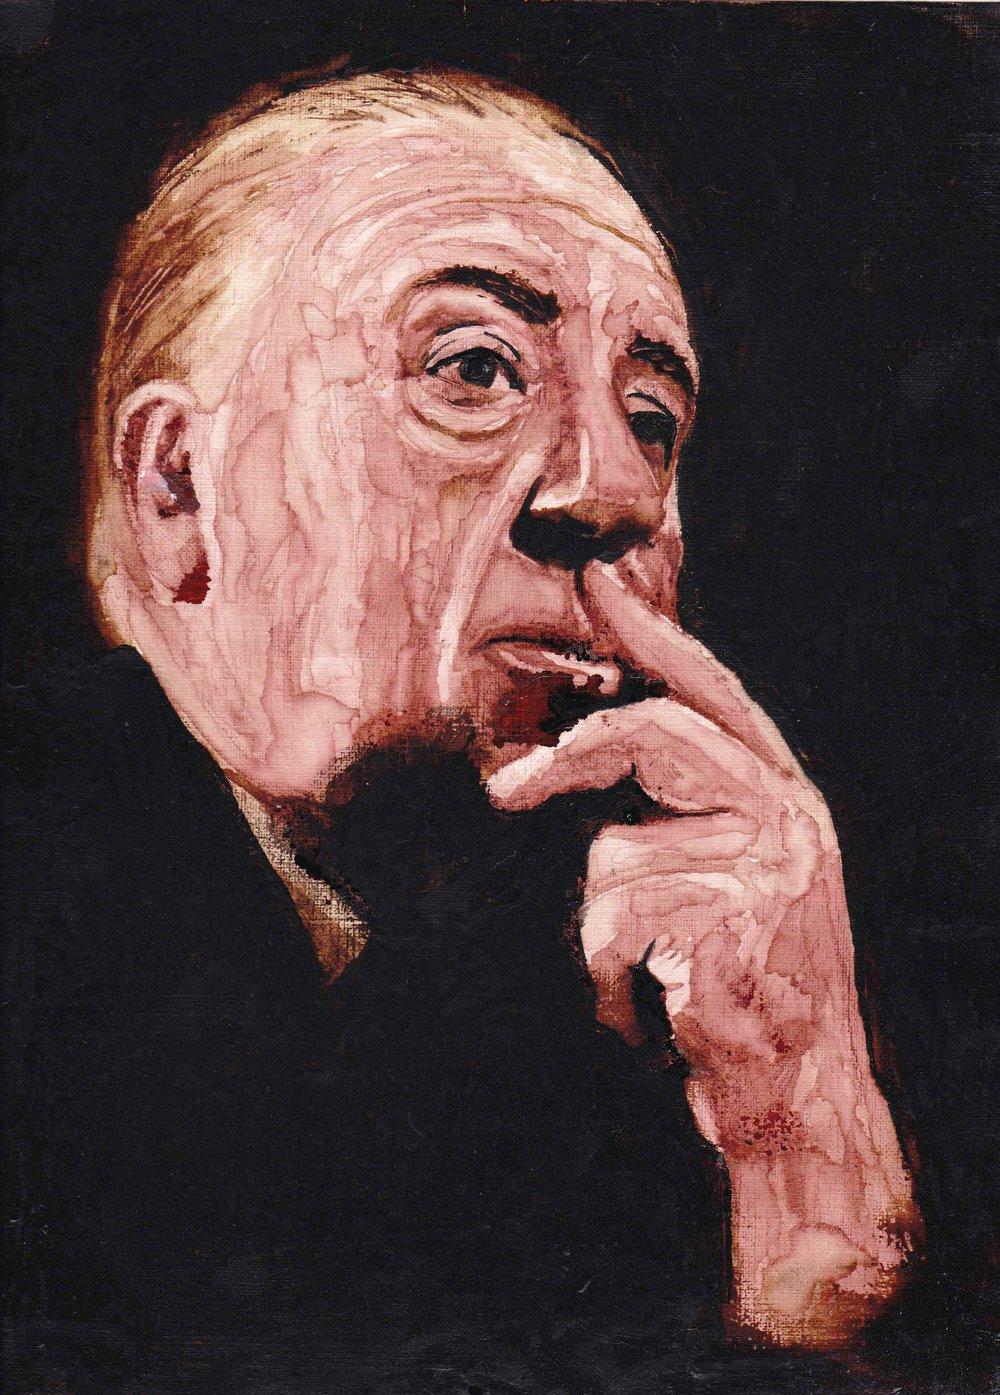 Alfred Hitchcock painting by Ely Legerdemain-Alfred Hitchcock Mixed Media inlcuding Coffee by Ely Legerdemain Utah - Copy.jpg